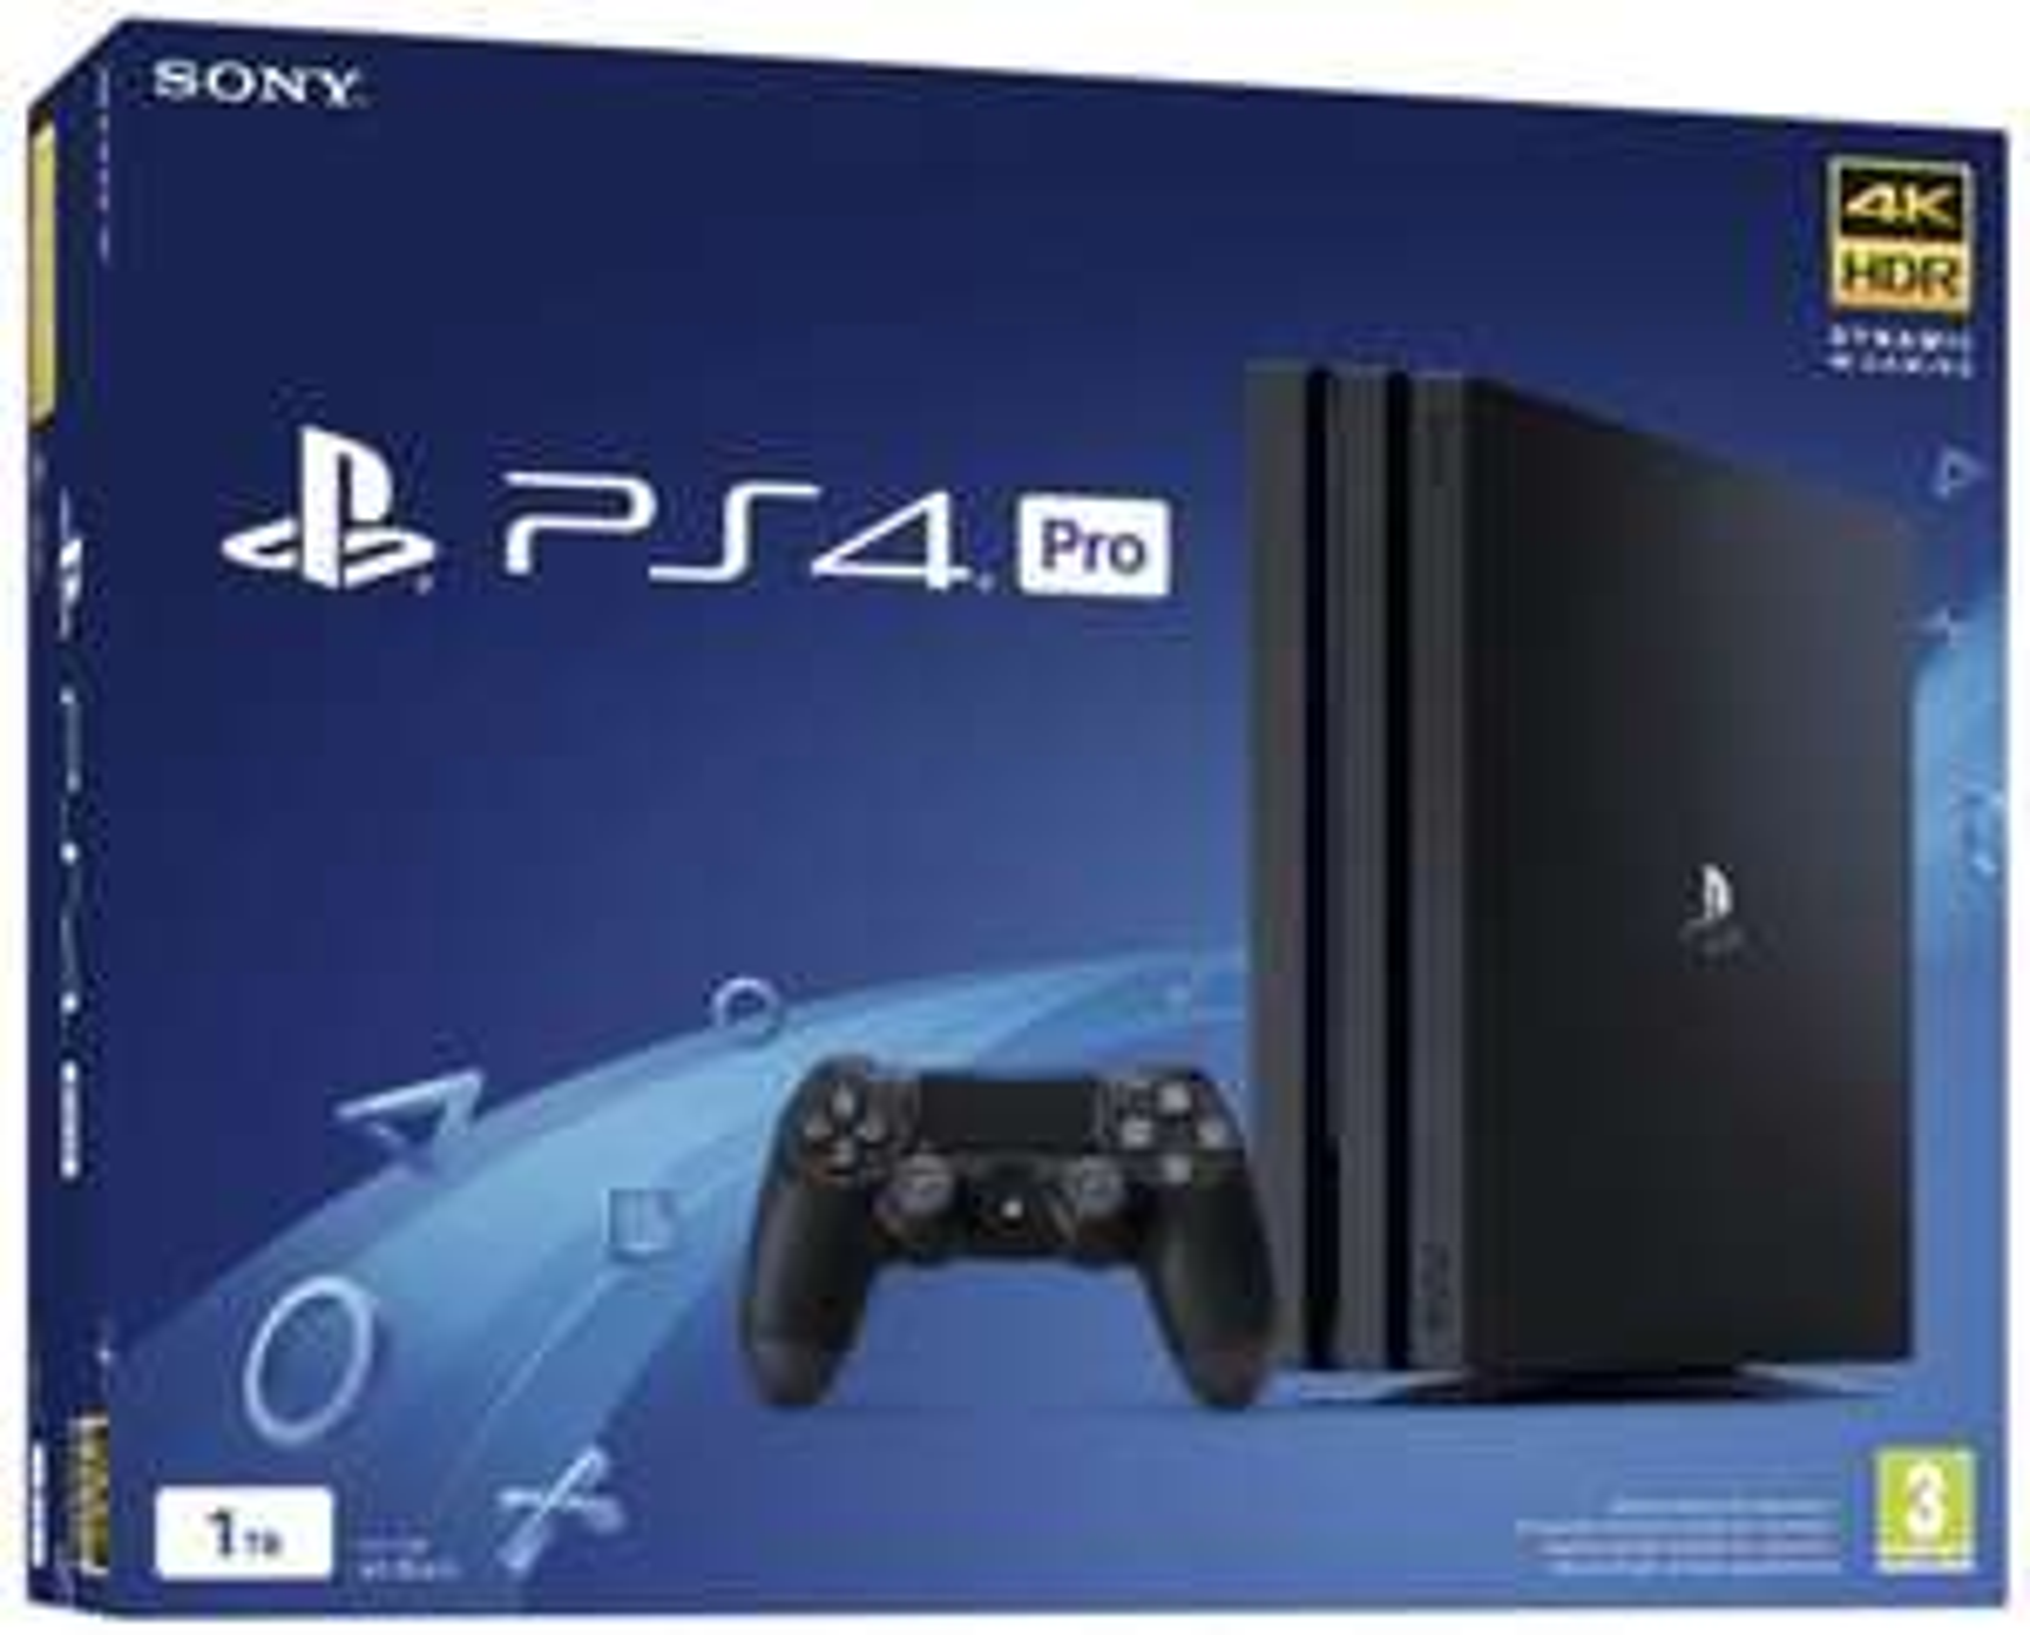 Dienstreisende/Urlauber MediaMarkt Italien: Sony Playstation 4 Pro 1TB für 289€  - nur Abholung [Mediaworld]